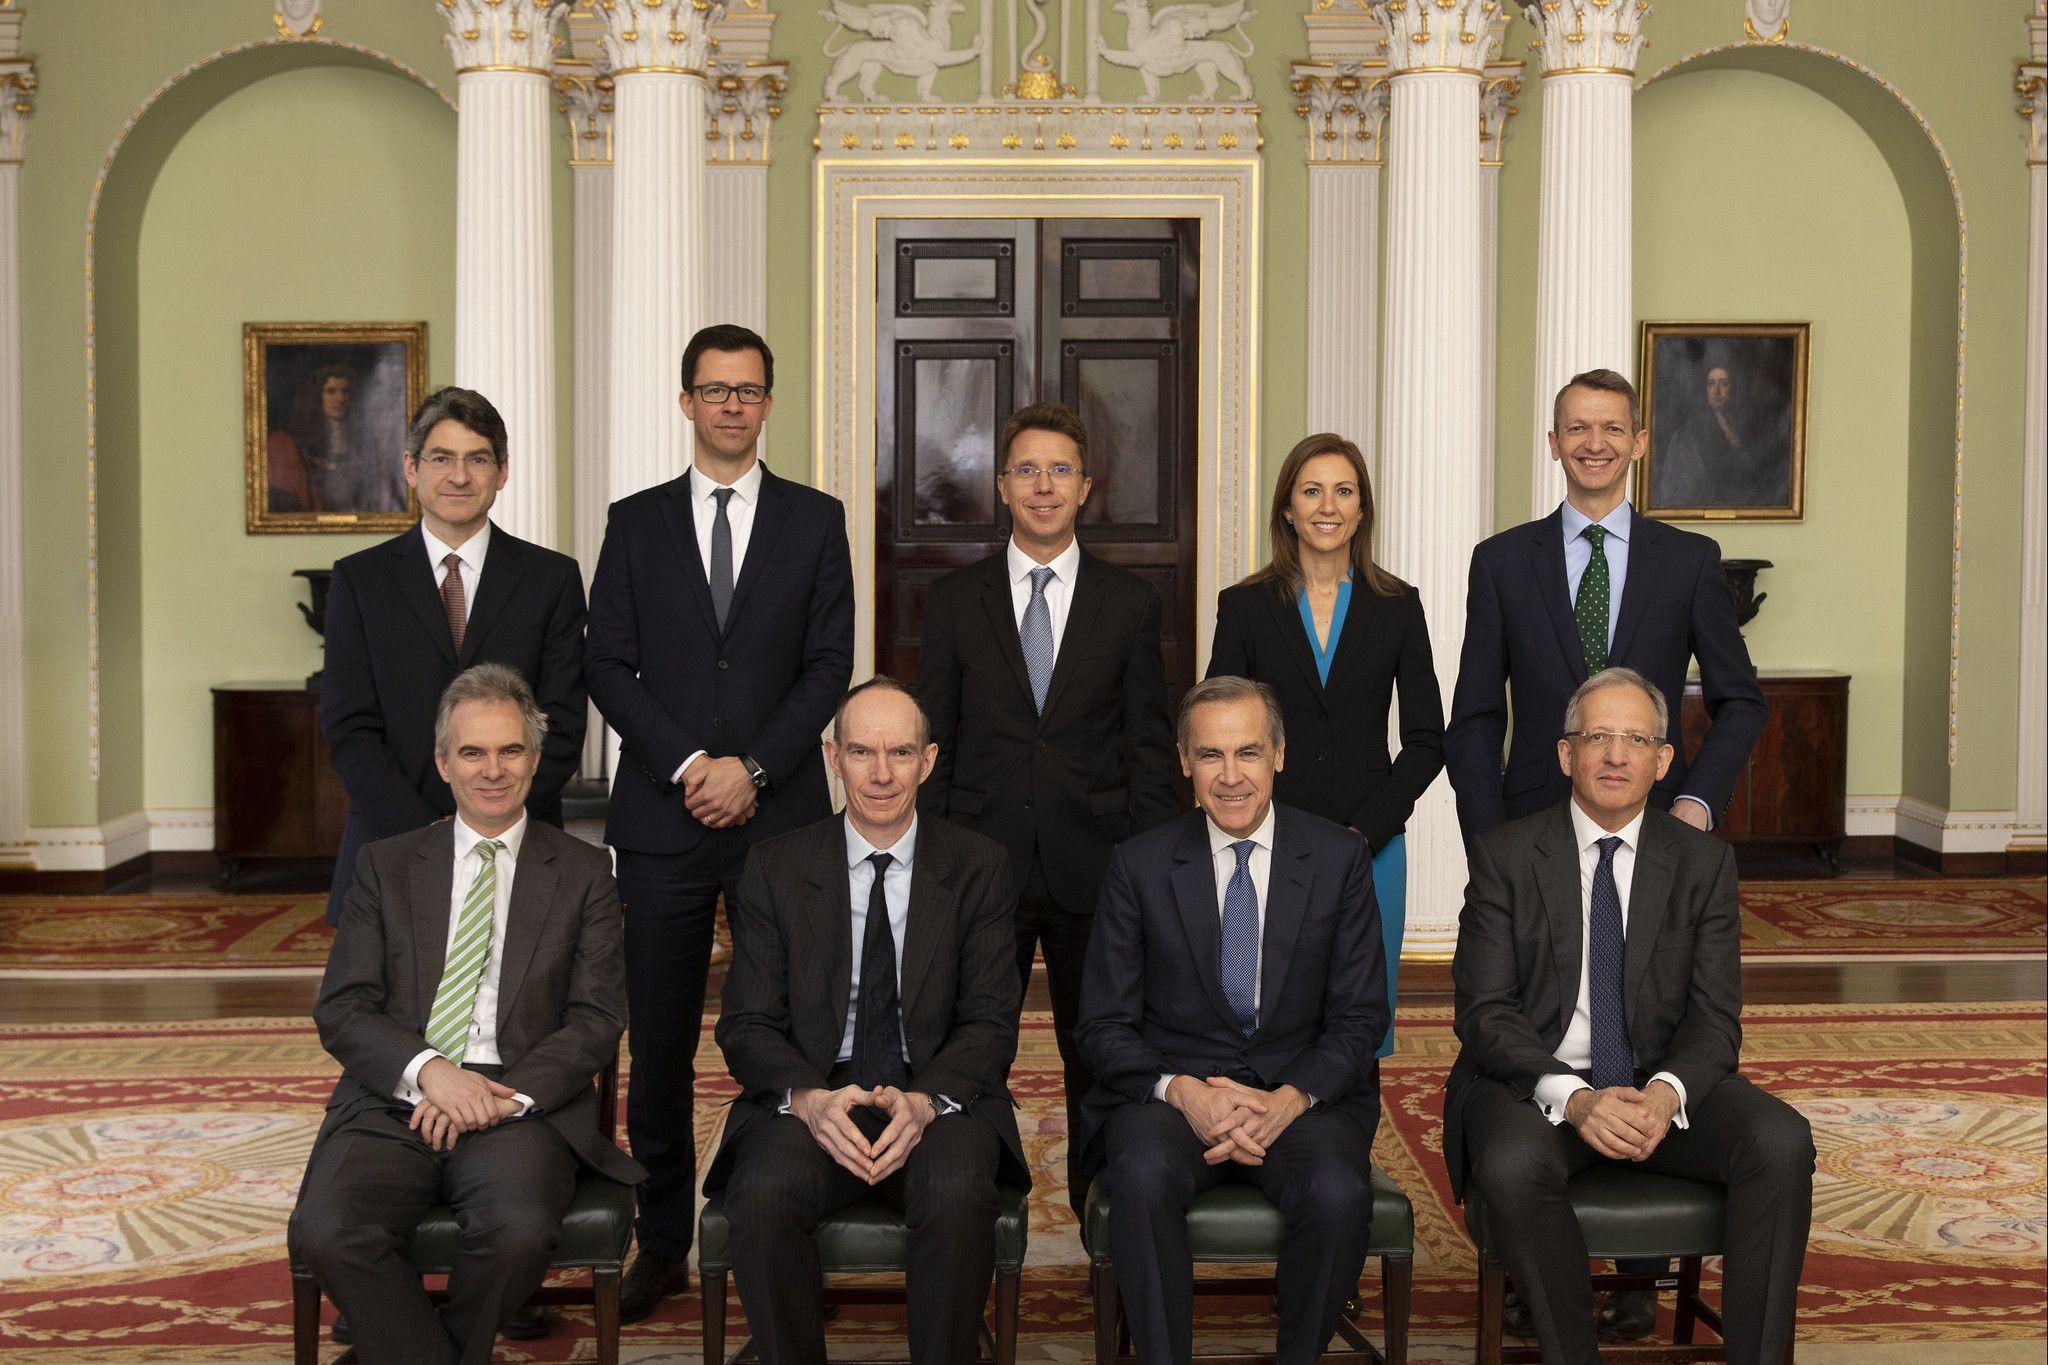 Bild einer Gruppe von neun Personen. In der vorderen Reihe sitzen vier Männer, dahinter stehten vier Männer und eine Frau. Alle tragen dunkle Anzüge bzw. die Frau einen dunklen Blazer